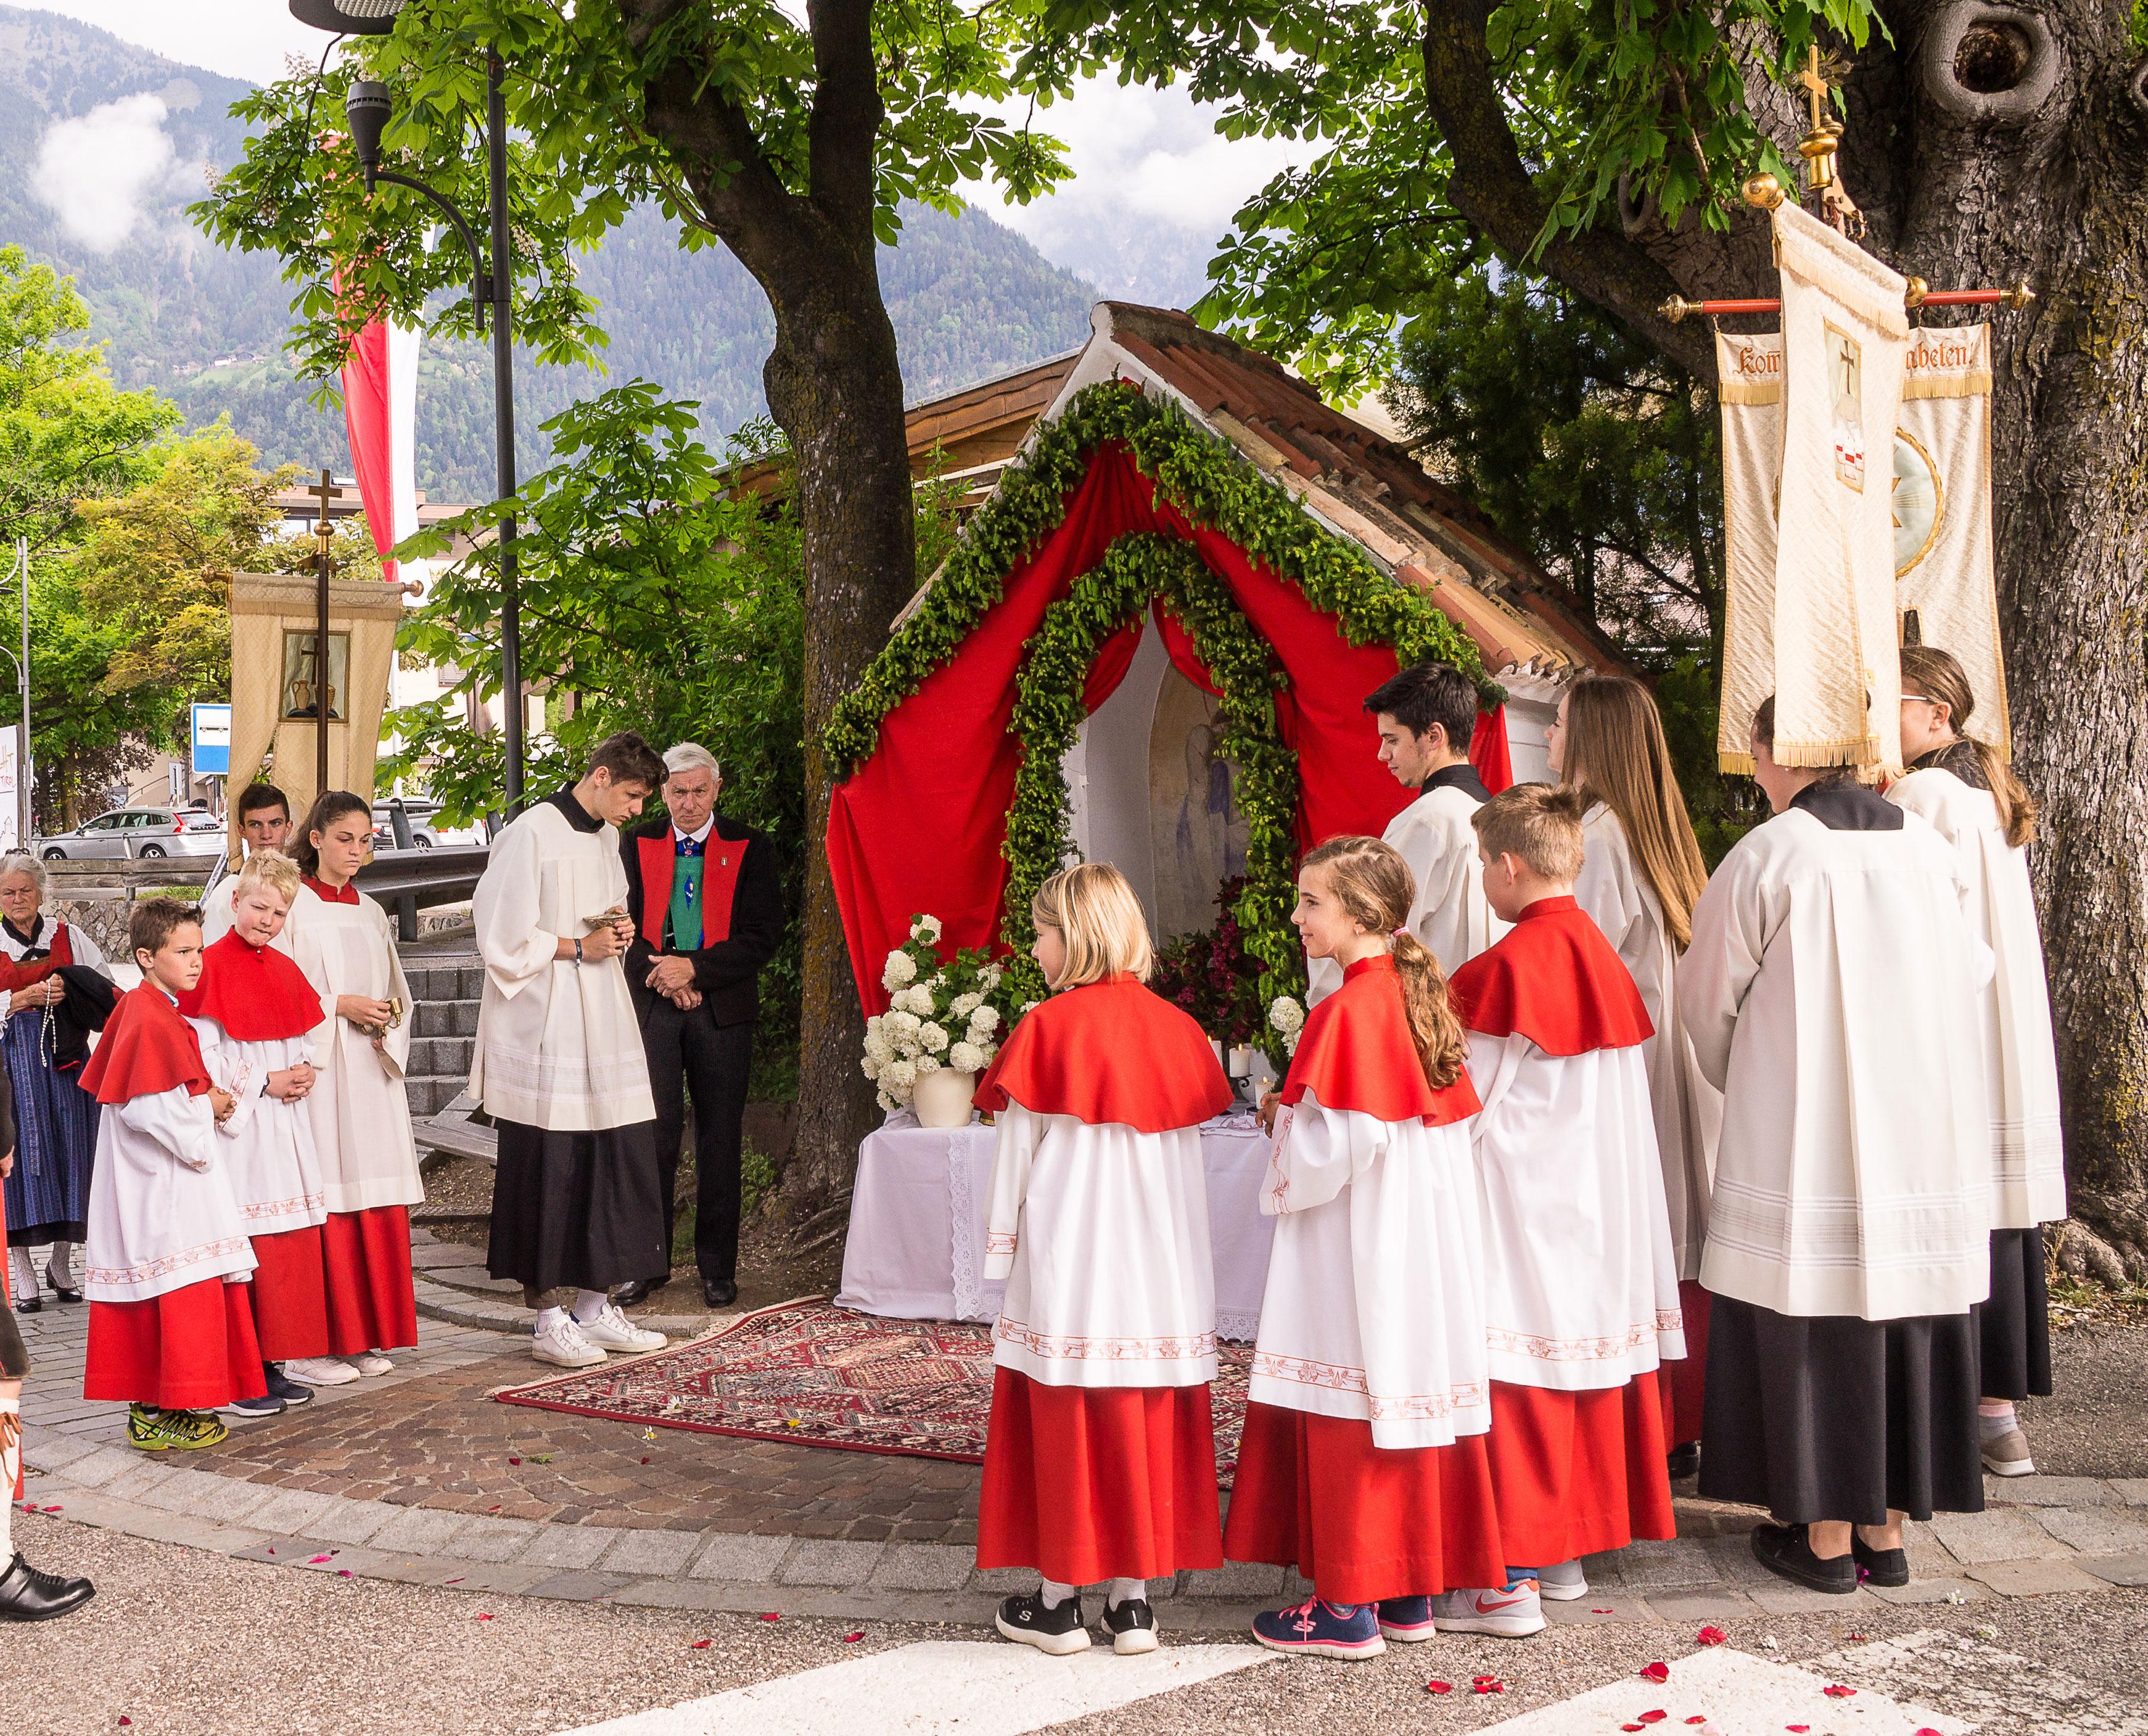 Ministranten Dorf Tirol